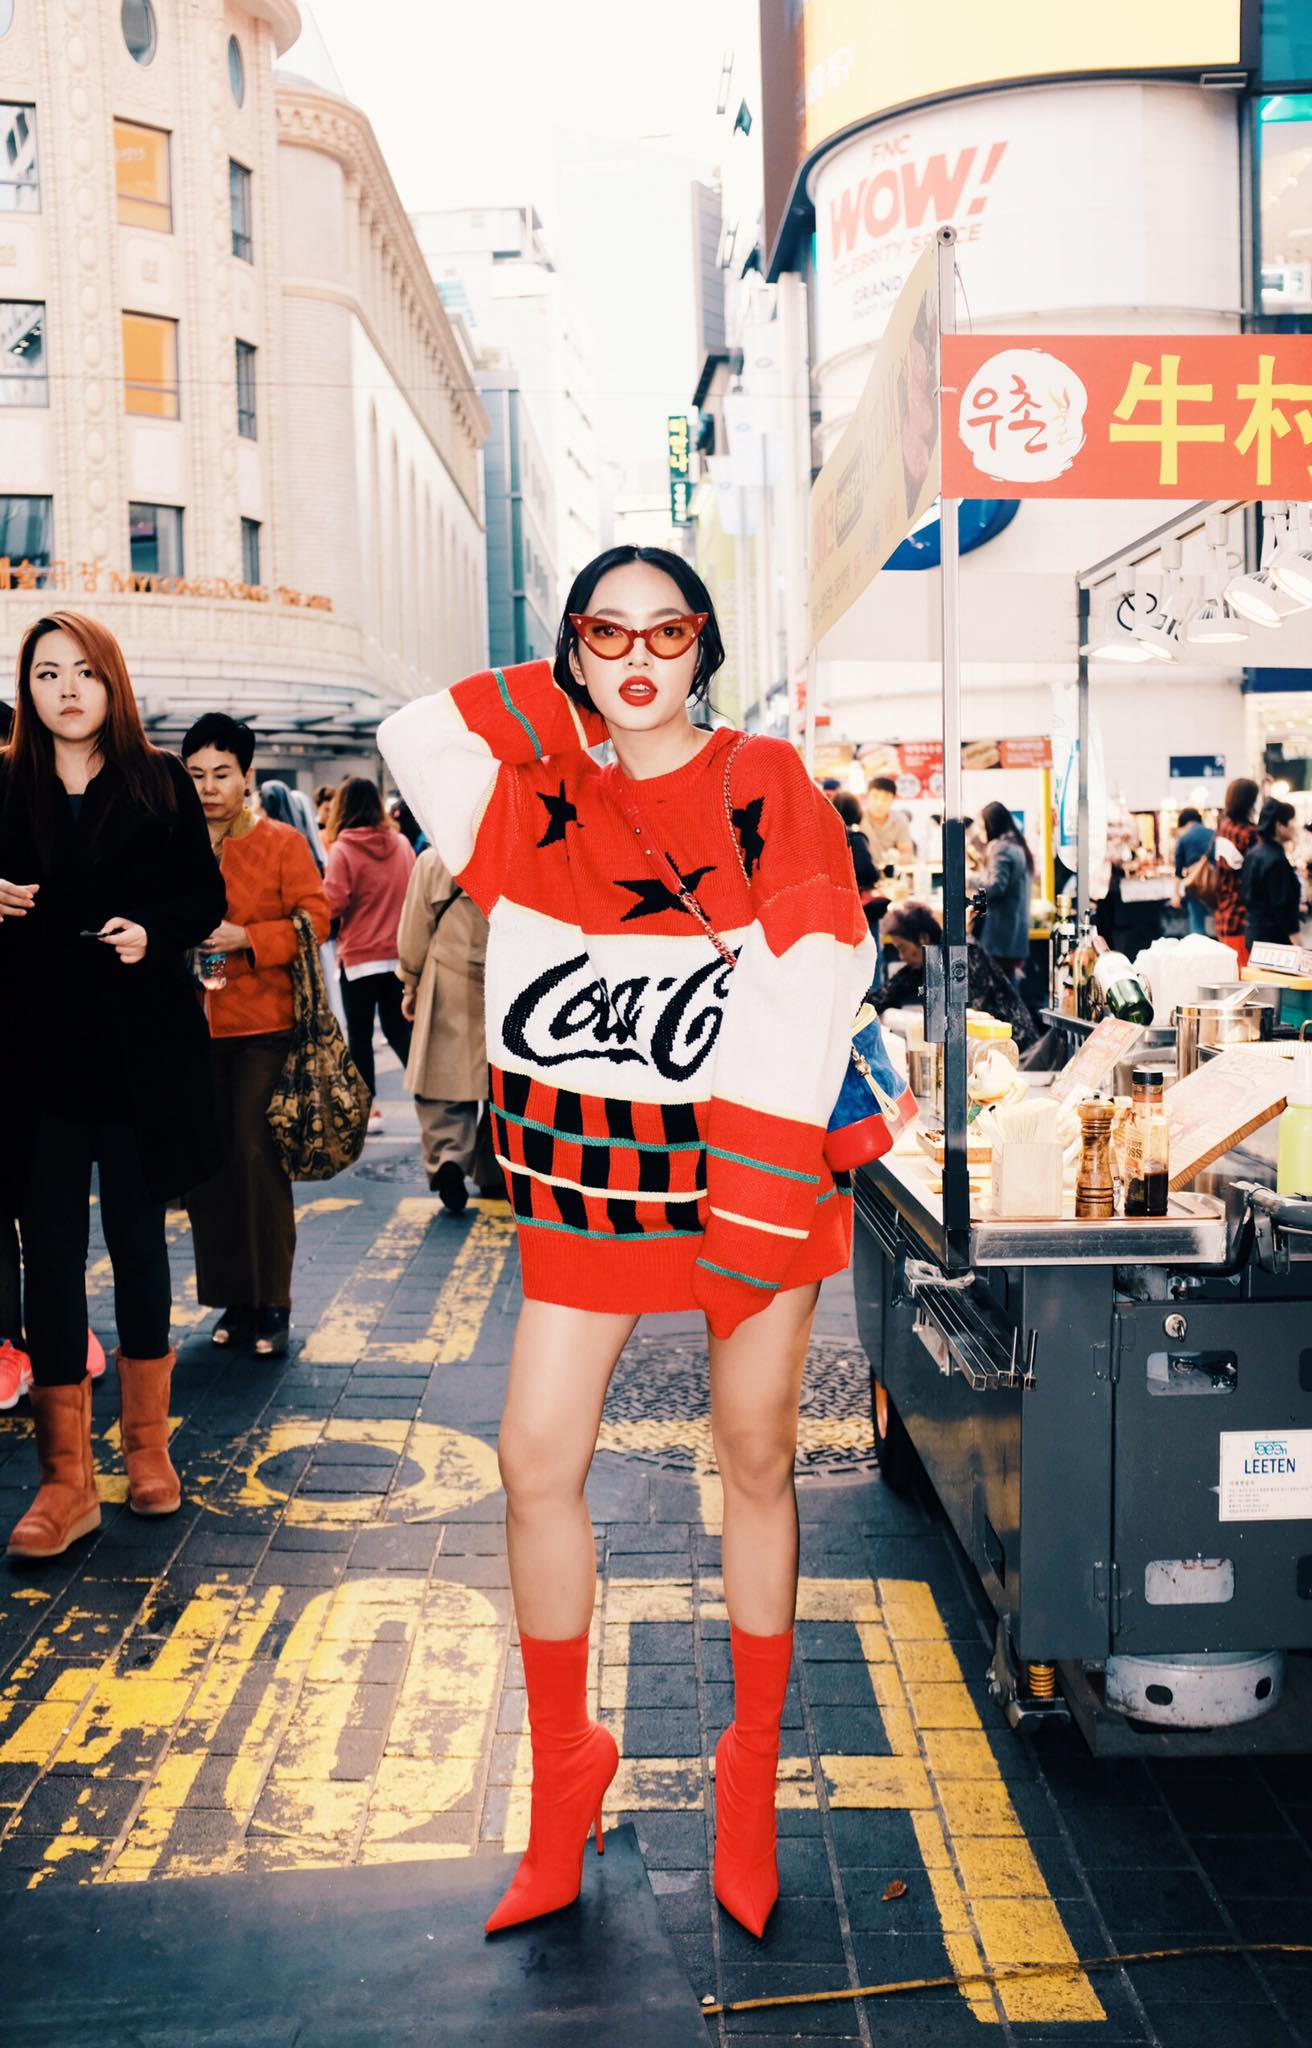 Dù đã đường ai nấy đi, Châu Bùi vẫn diện áo của shop Decao sang tận Seoul khoe street style chất miễn bàn - Ảnh 3.